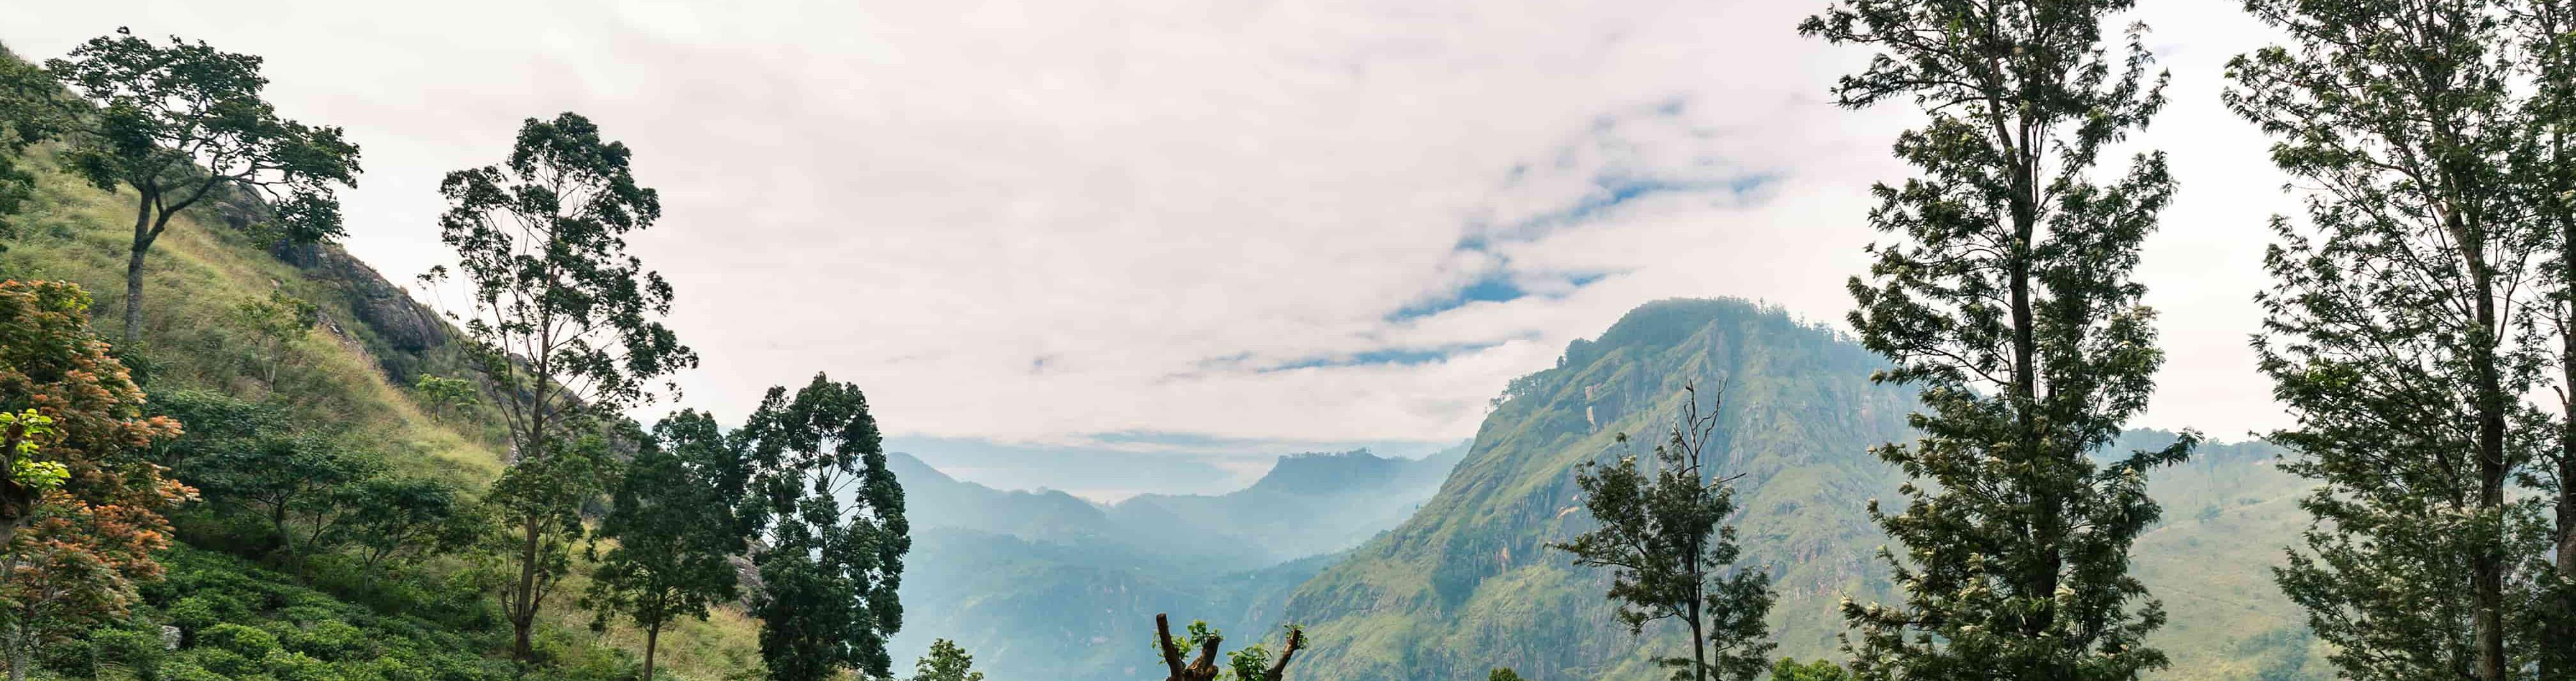 Зимовий відпочинок на Шрі-Ланці: SkyUp відкриває продаж квитків на південь острова